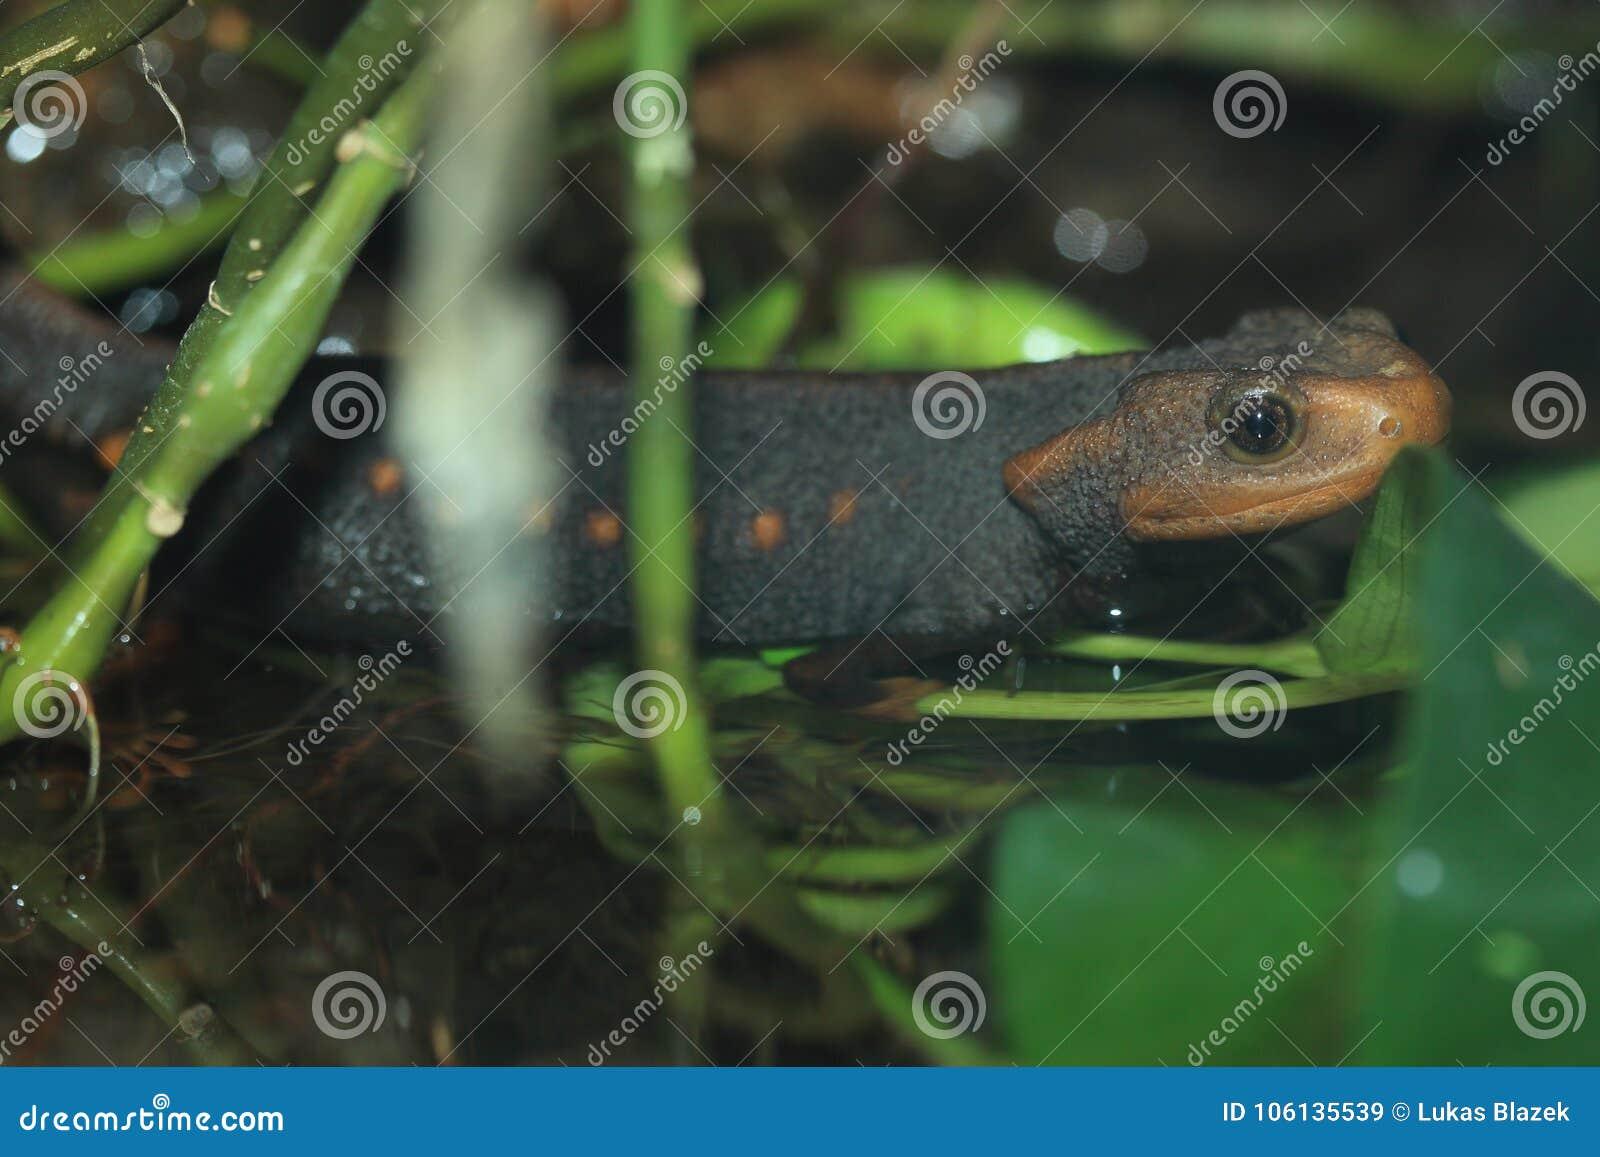 Himalayan salamander